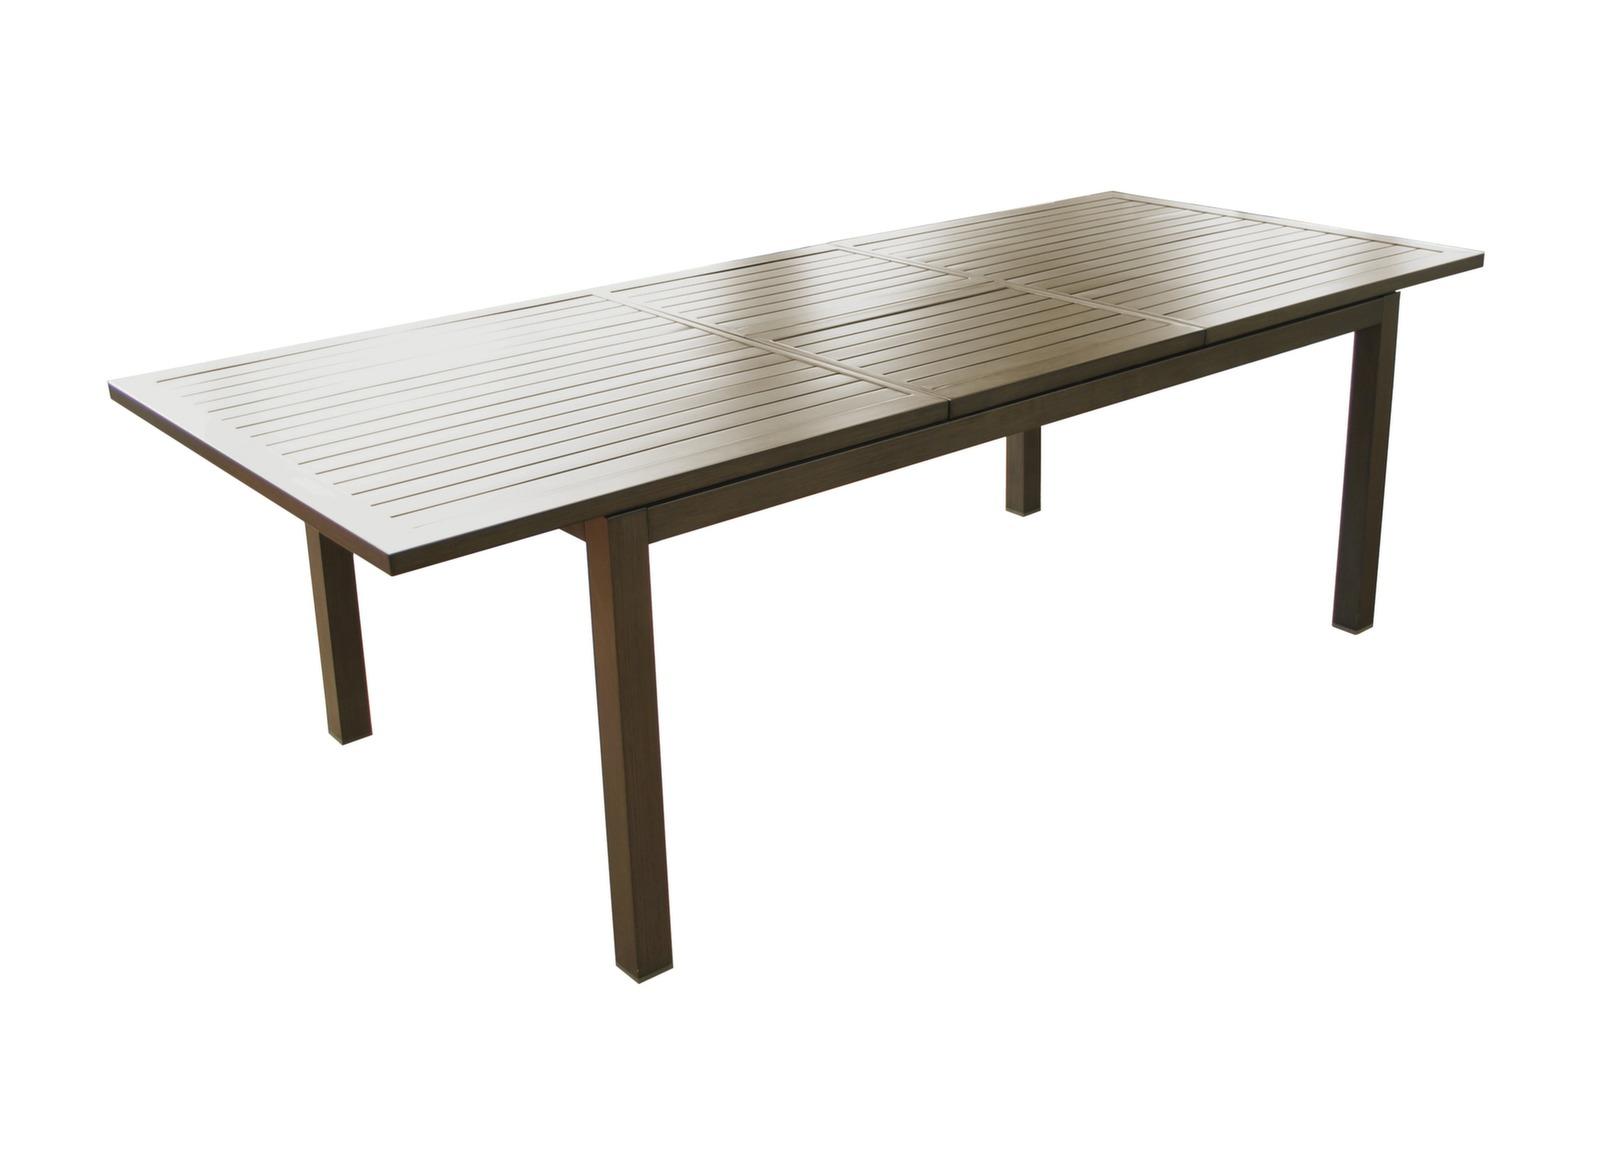 table milano 180 240 x 100 cm mobilier de jardin pour le repas promotions bons plans. Black Bedroom Furniture Sets. Home Design Ideas